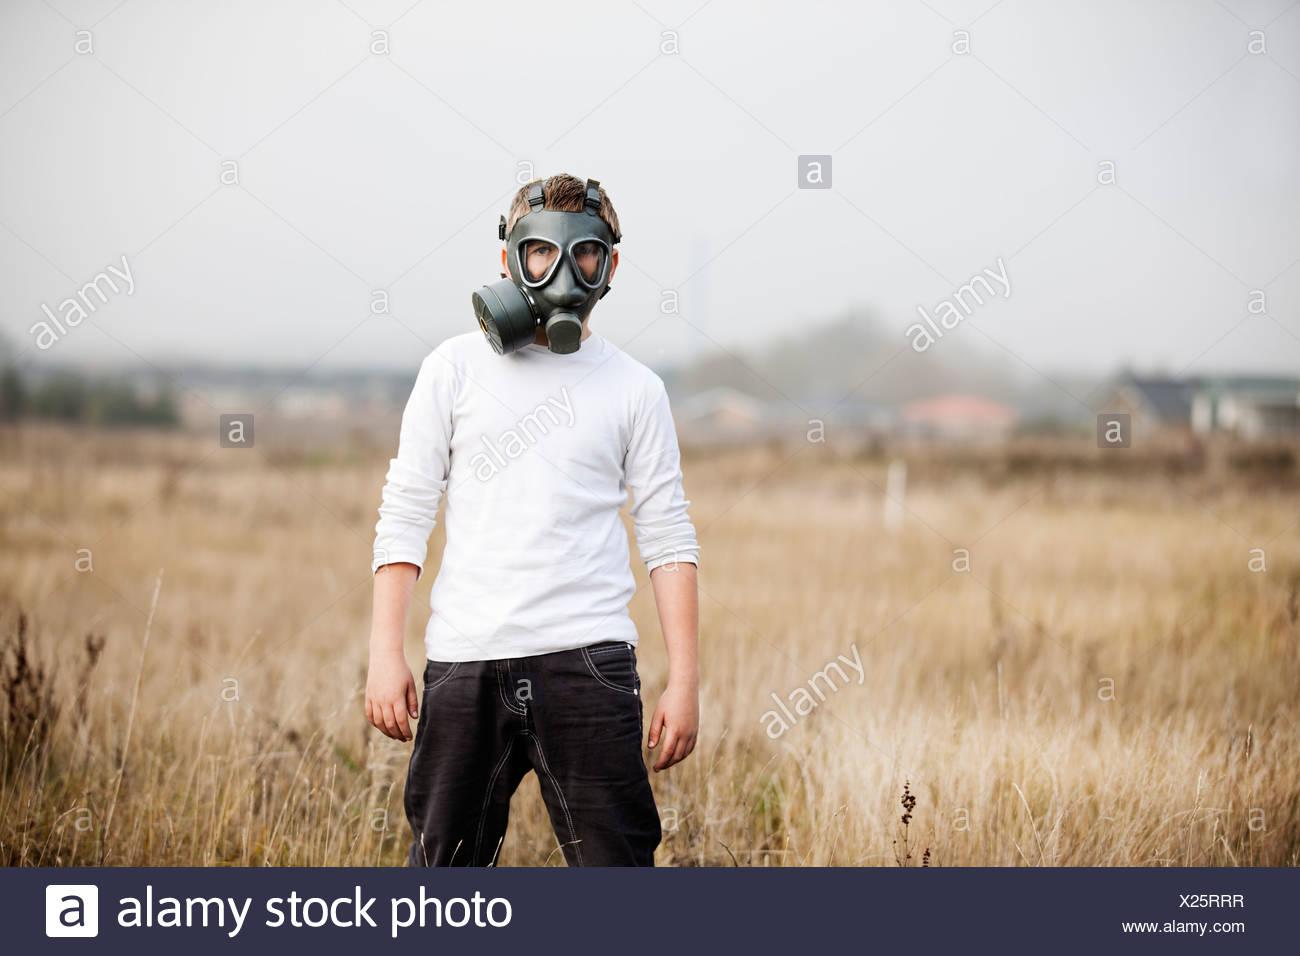 Boy wearing gas mask in wheatfield Stock Photo